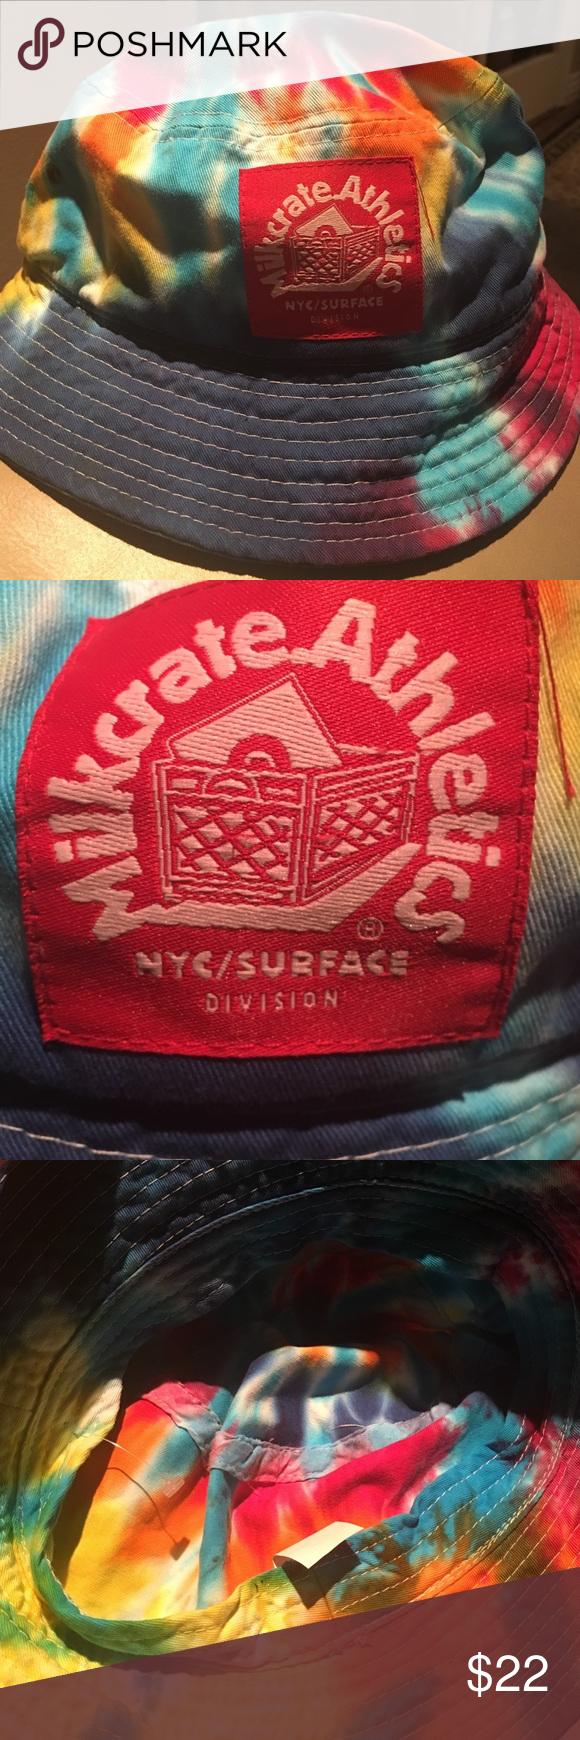 Milkcrate tye dye bucket hat Worn a few times, tye dye Milkcrate brand bucket hat. Excellent condition Milkcrate Accessories Hats